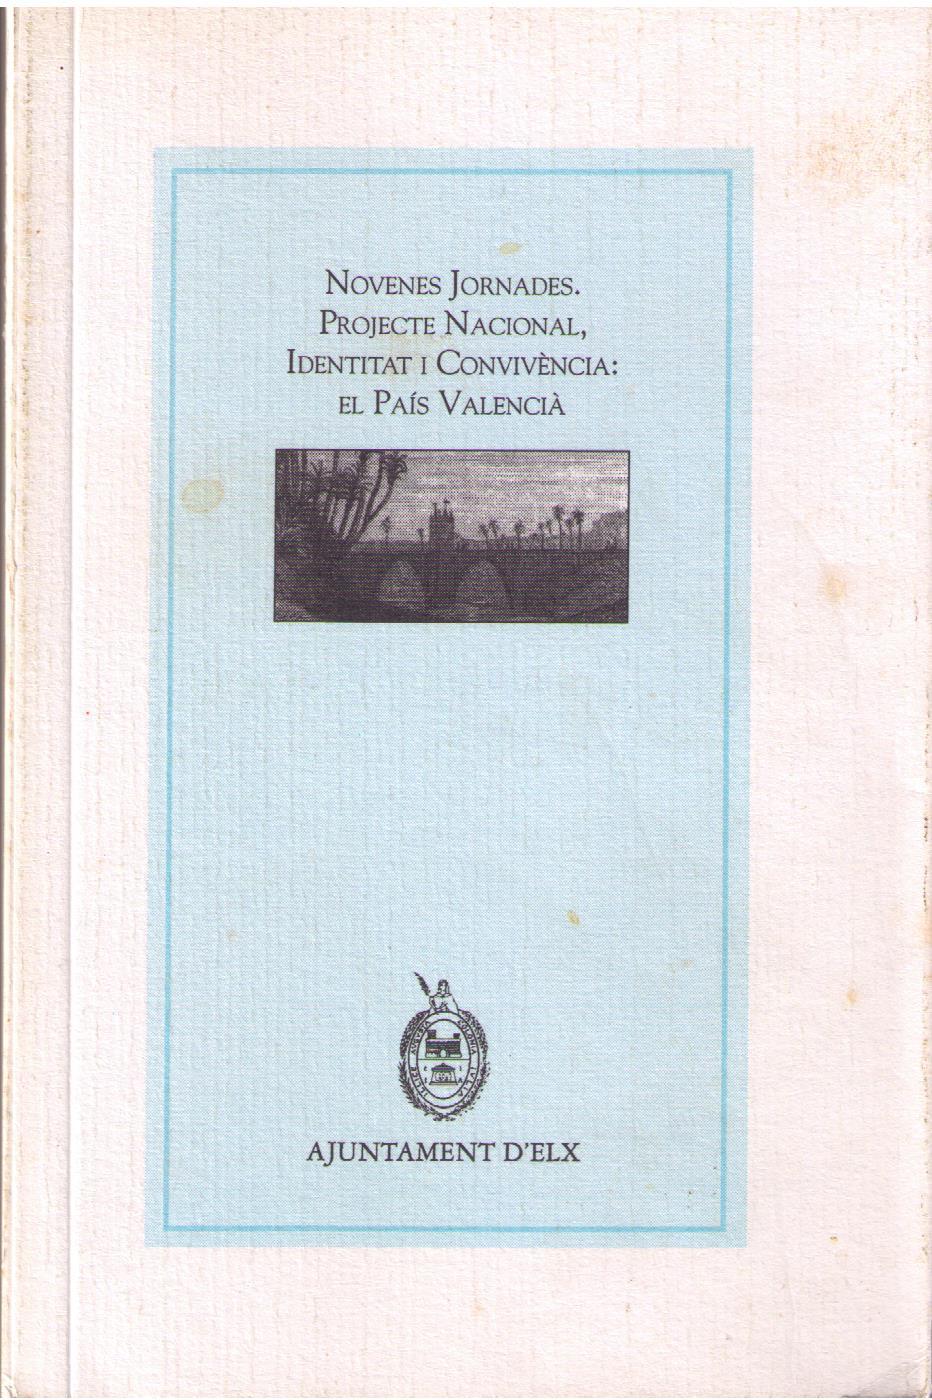 Novenes jornades - Projecte nacional, identitat i convivència - El País Valencià